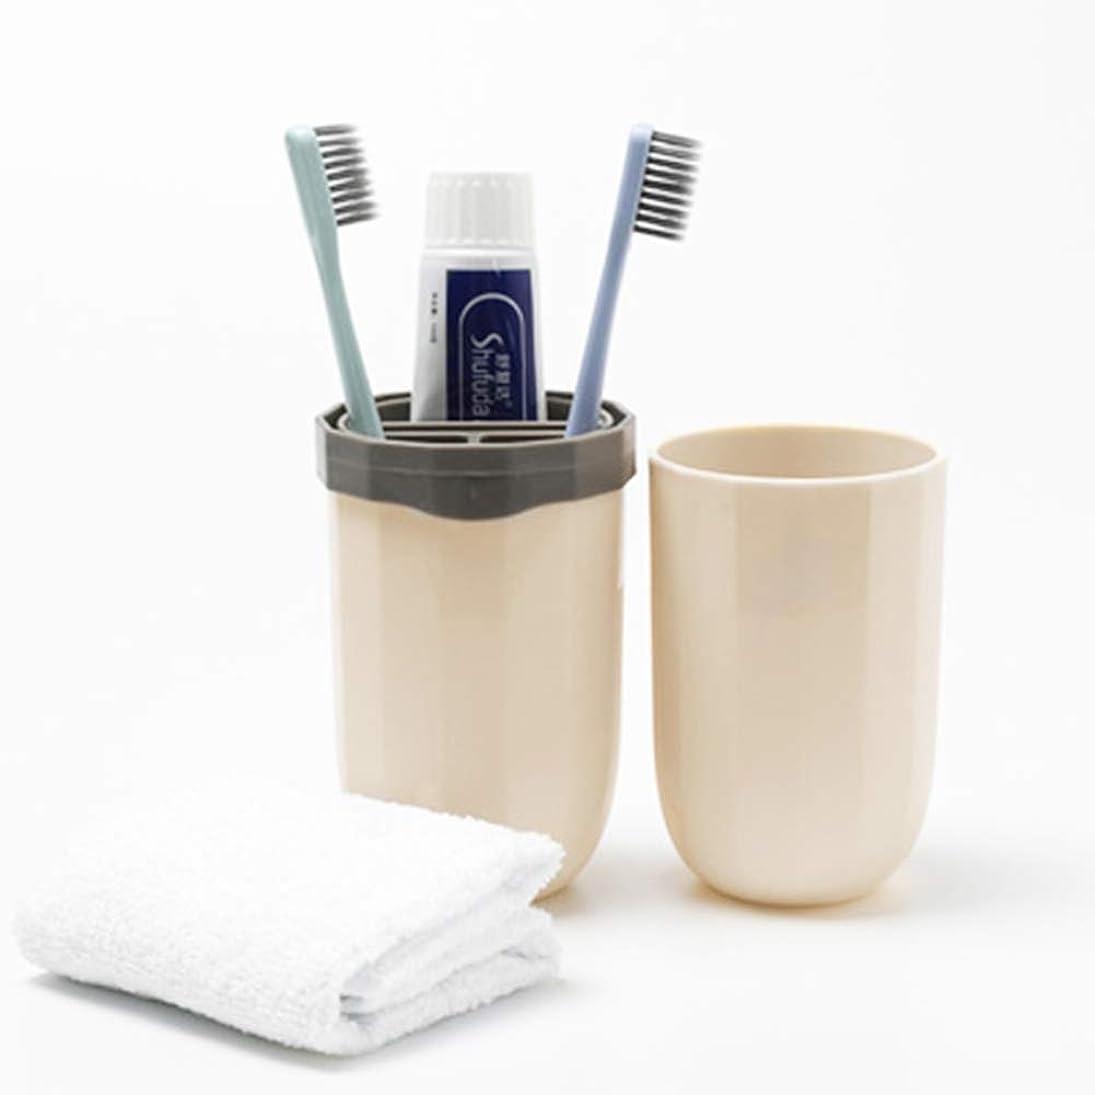 煩わしい処方拷問珪藻土 歯ブラシスタンド 歯ブラシ立て toothbrush stand グレー 11.5cm×6cm